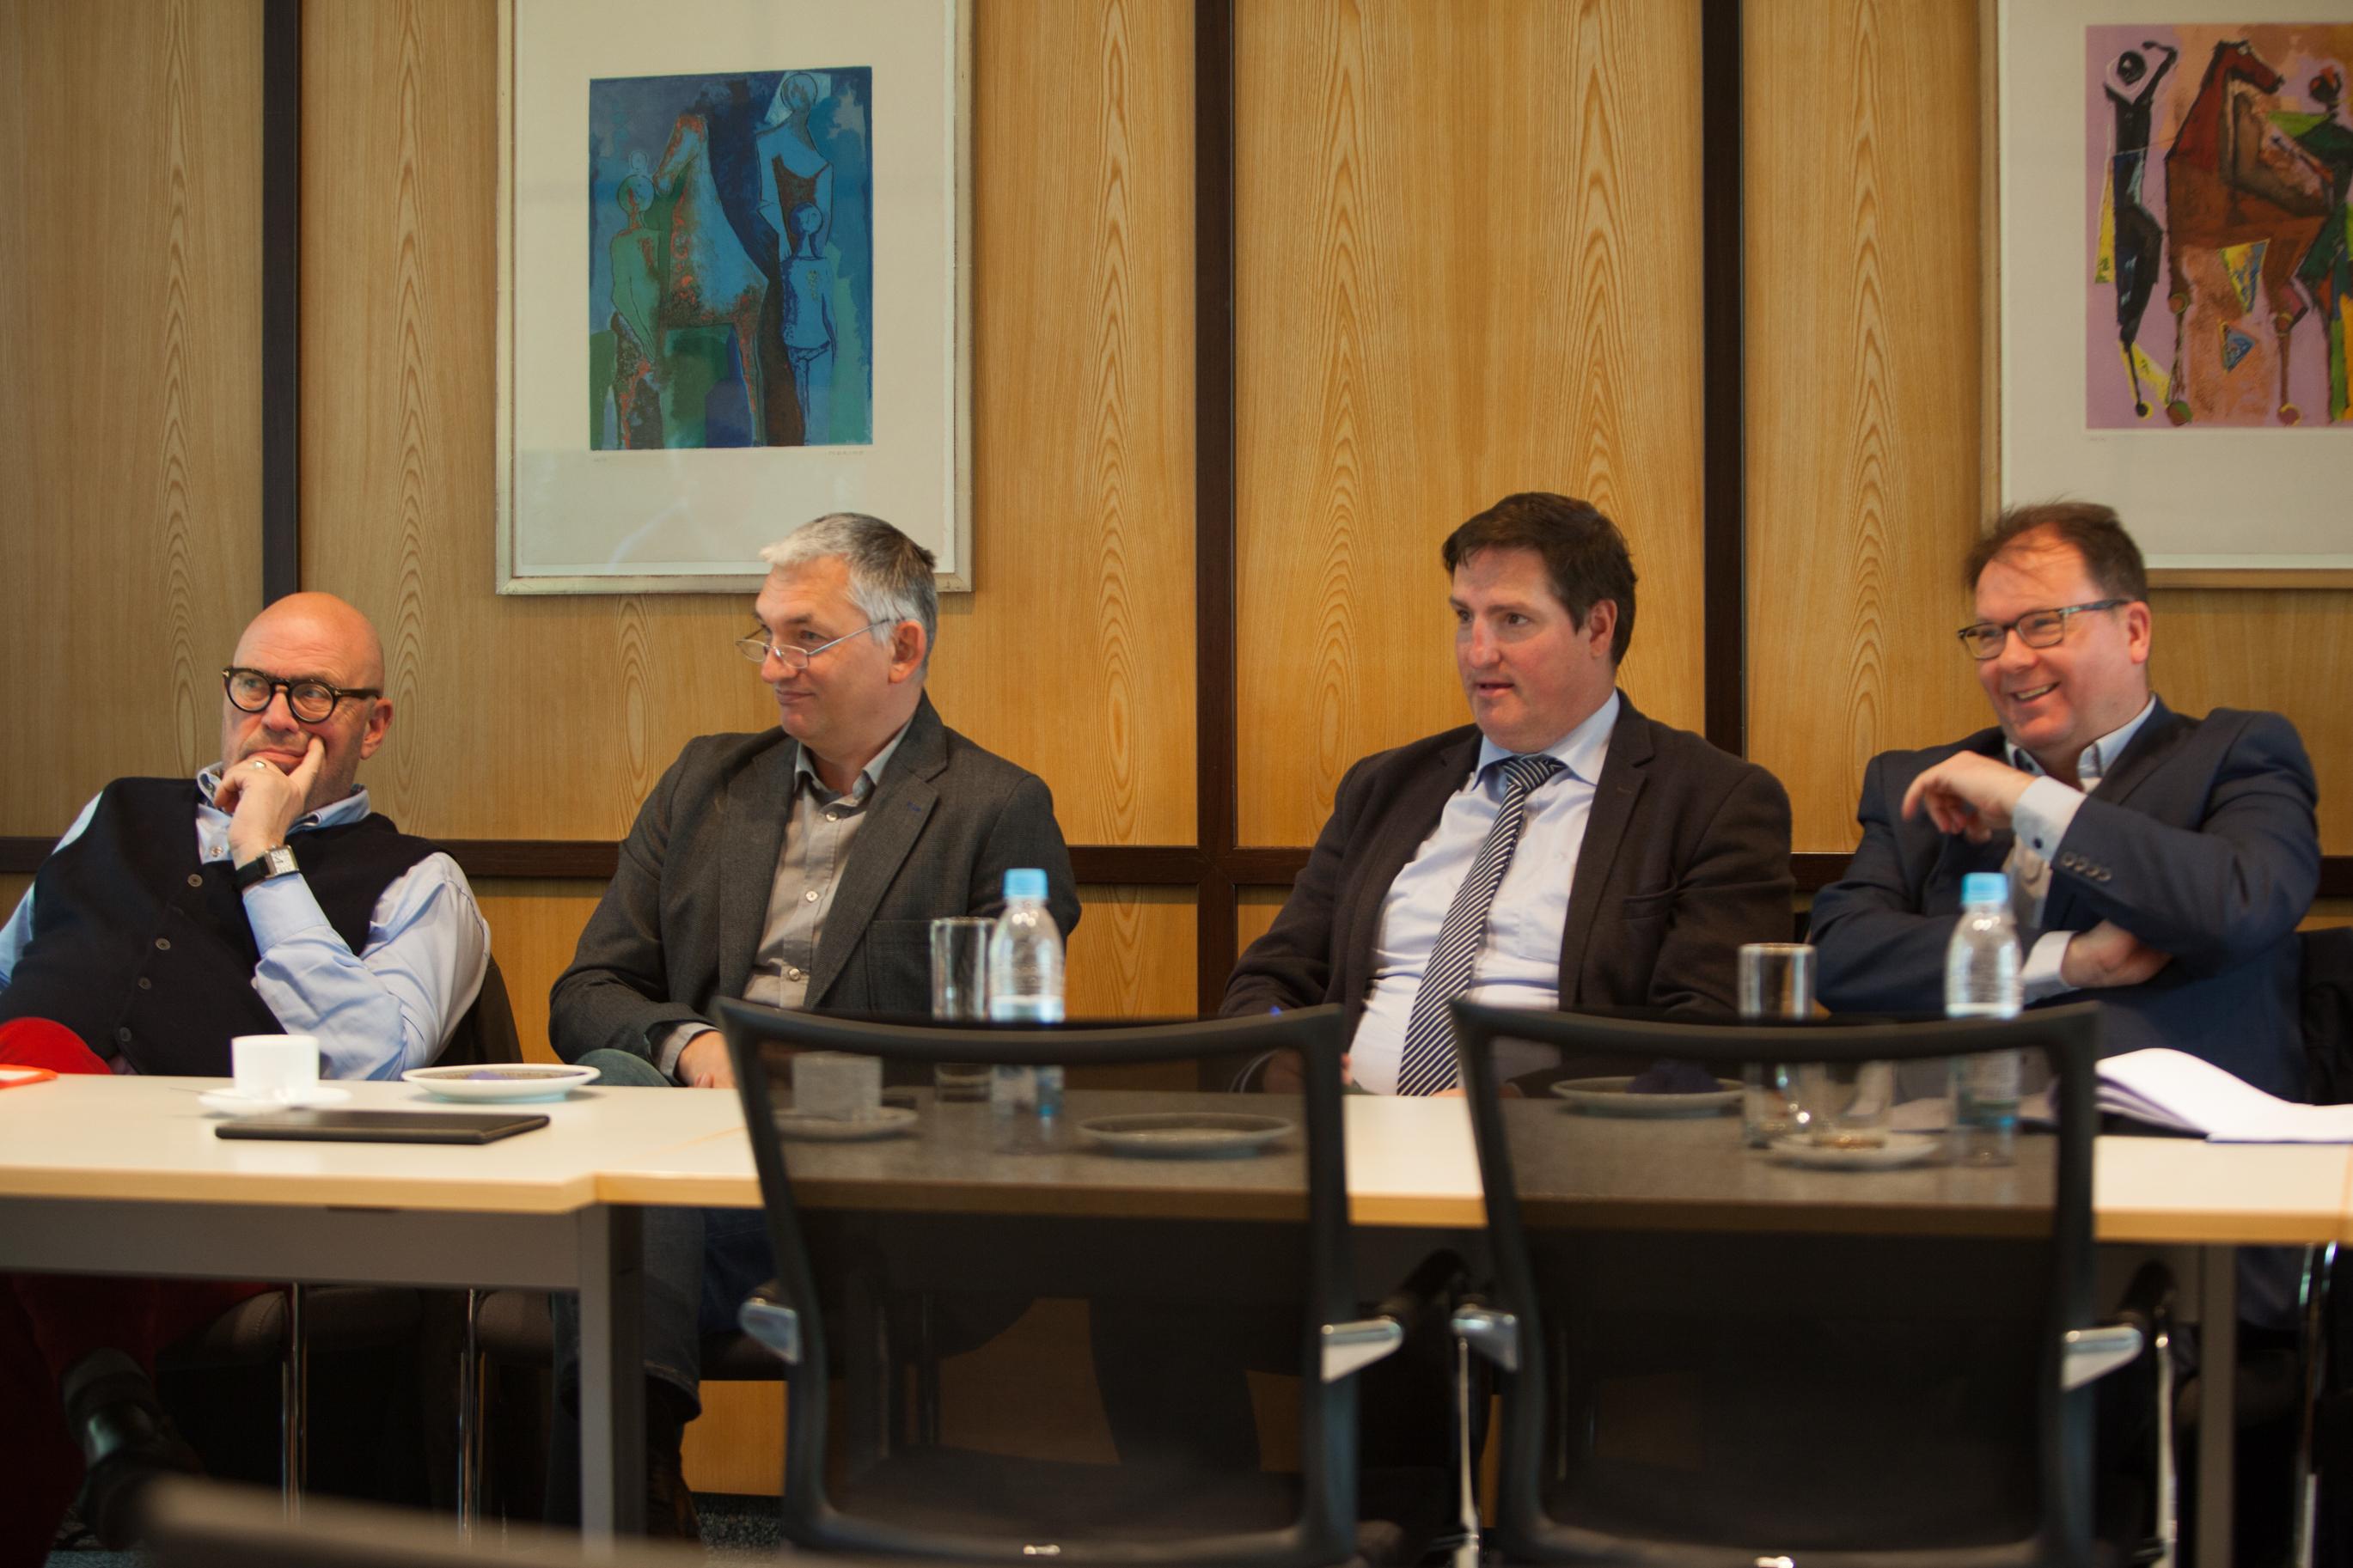 (von rechts nach links) Helmut Vogel, Daniel Büter, Bernd Schneider und Ulrich H